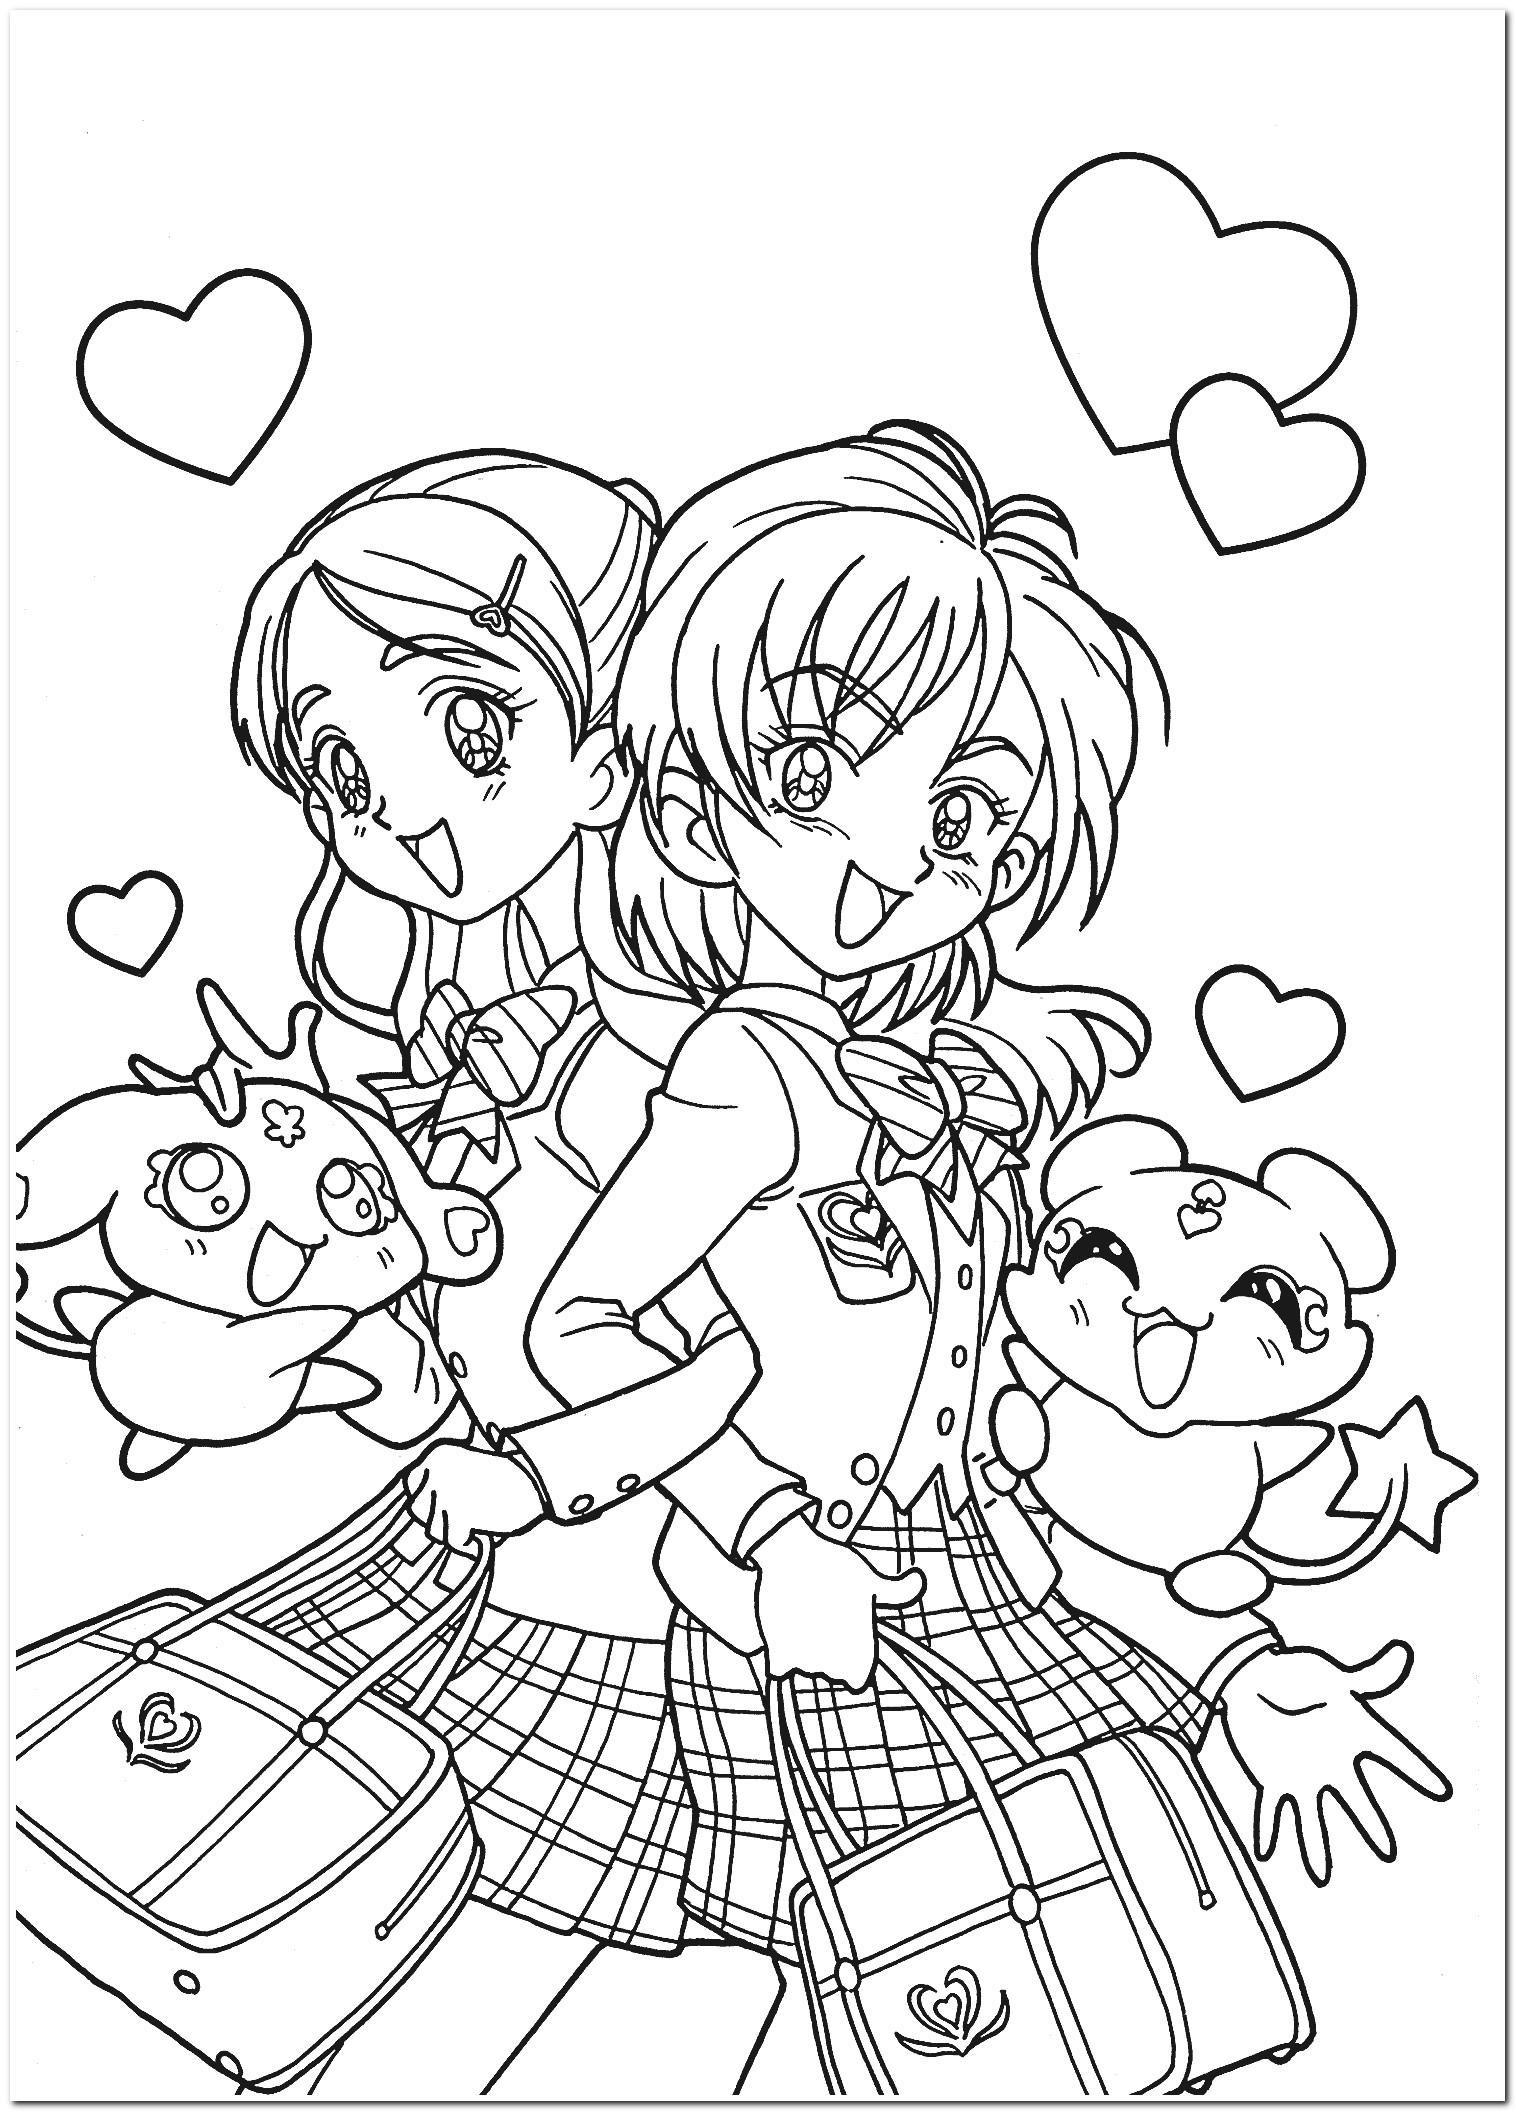 Hinh-to-mau-anime-dep-nhat (2)